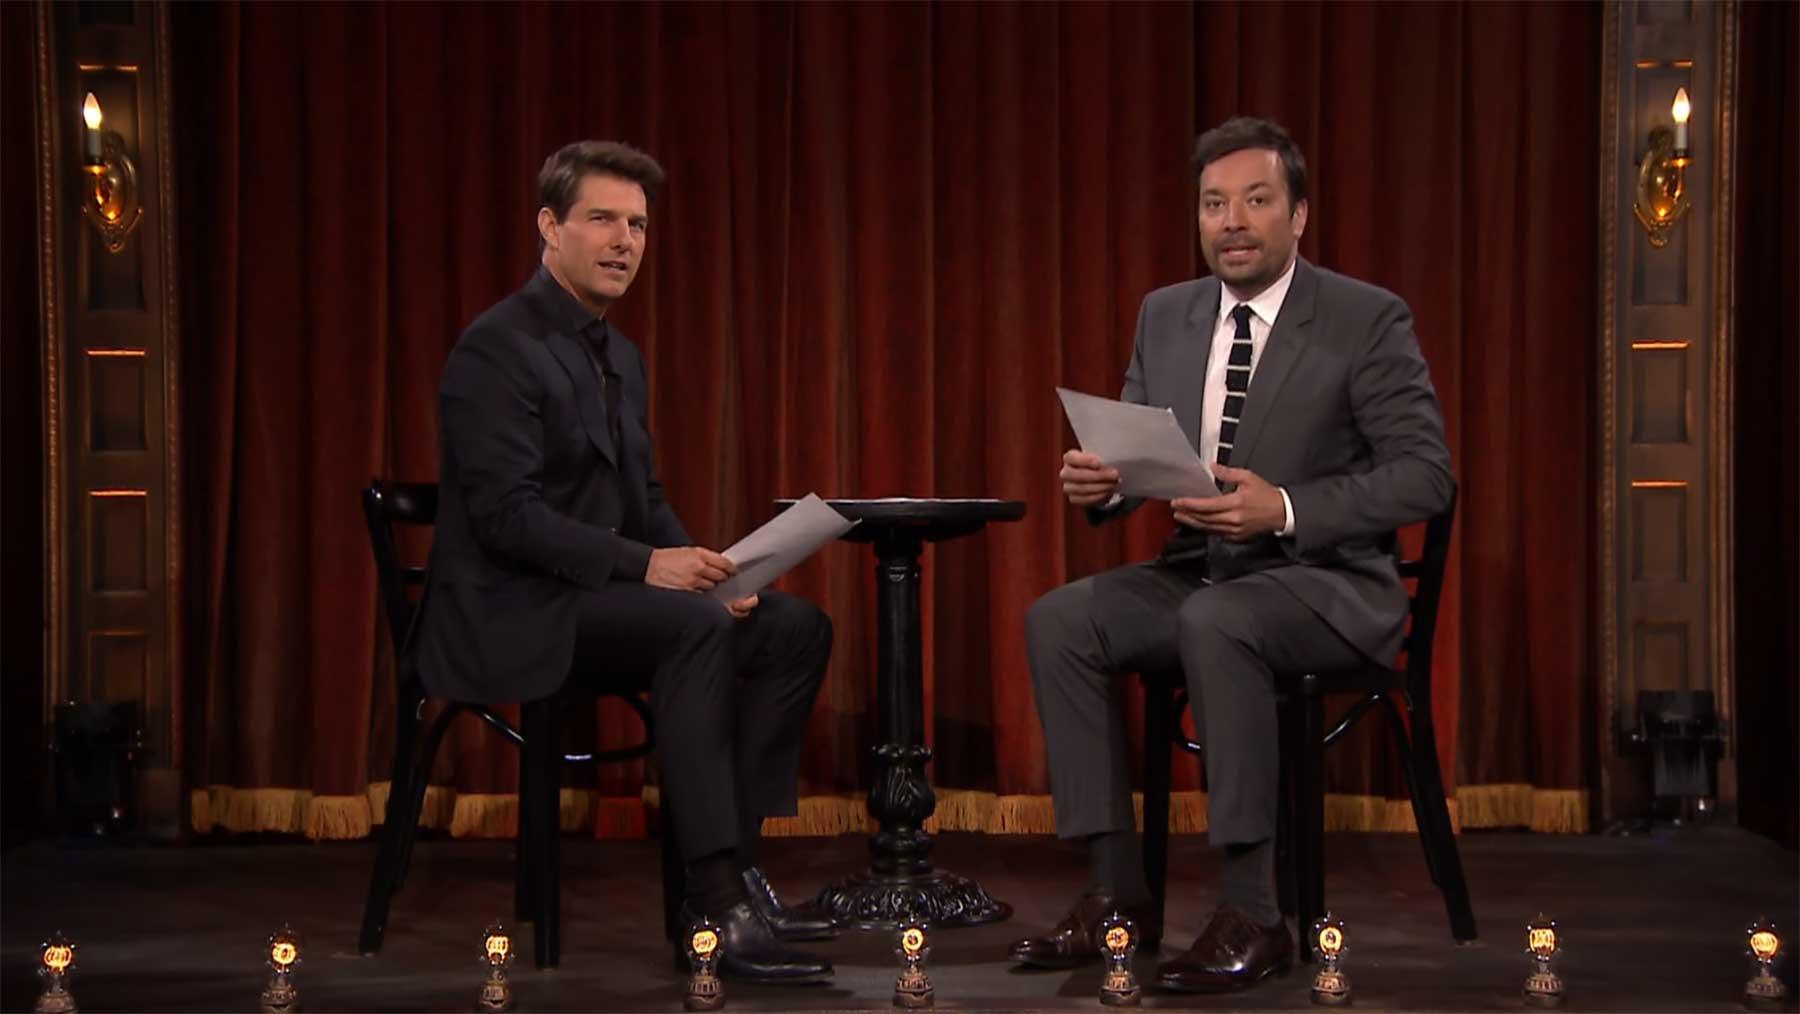 Tom Cruise spielt von Kindern geschriebene Szenen kid-theater-with-tom-cruise